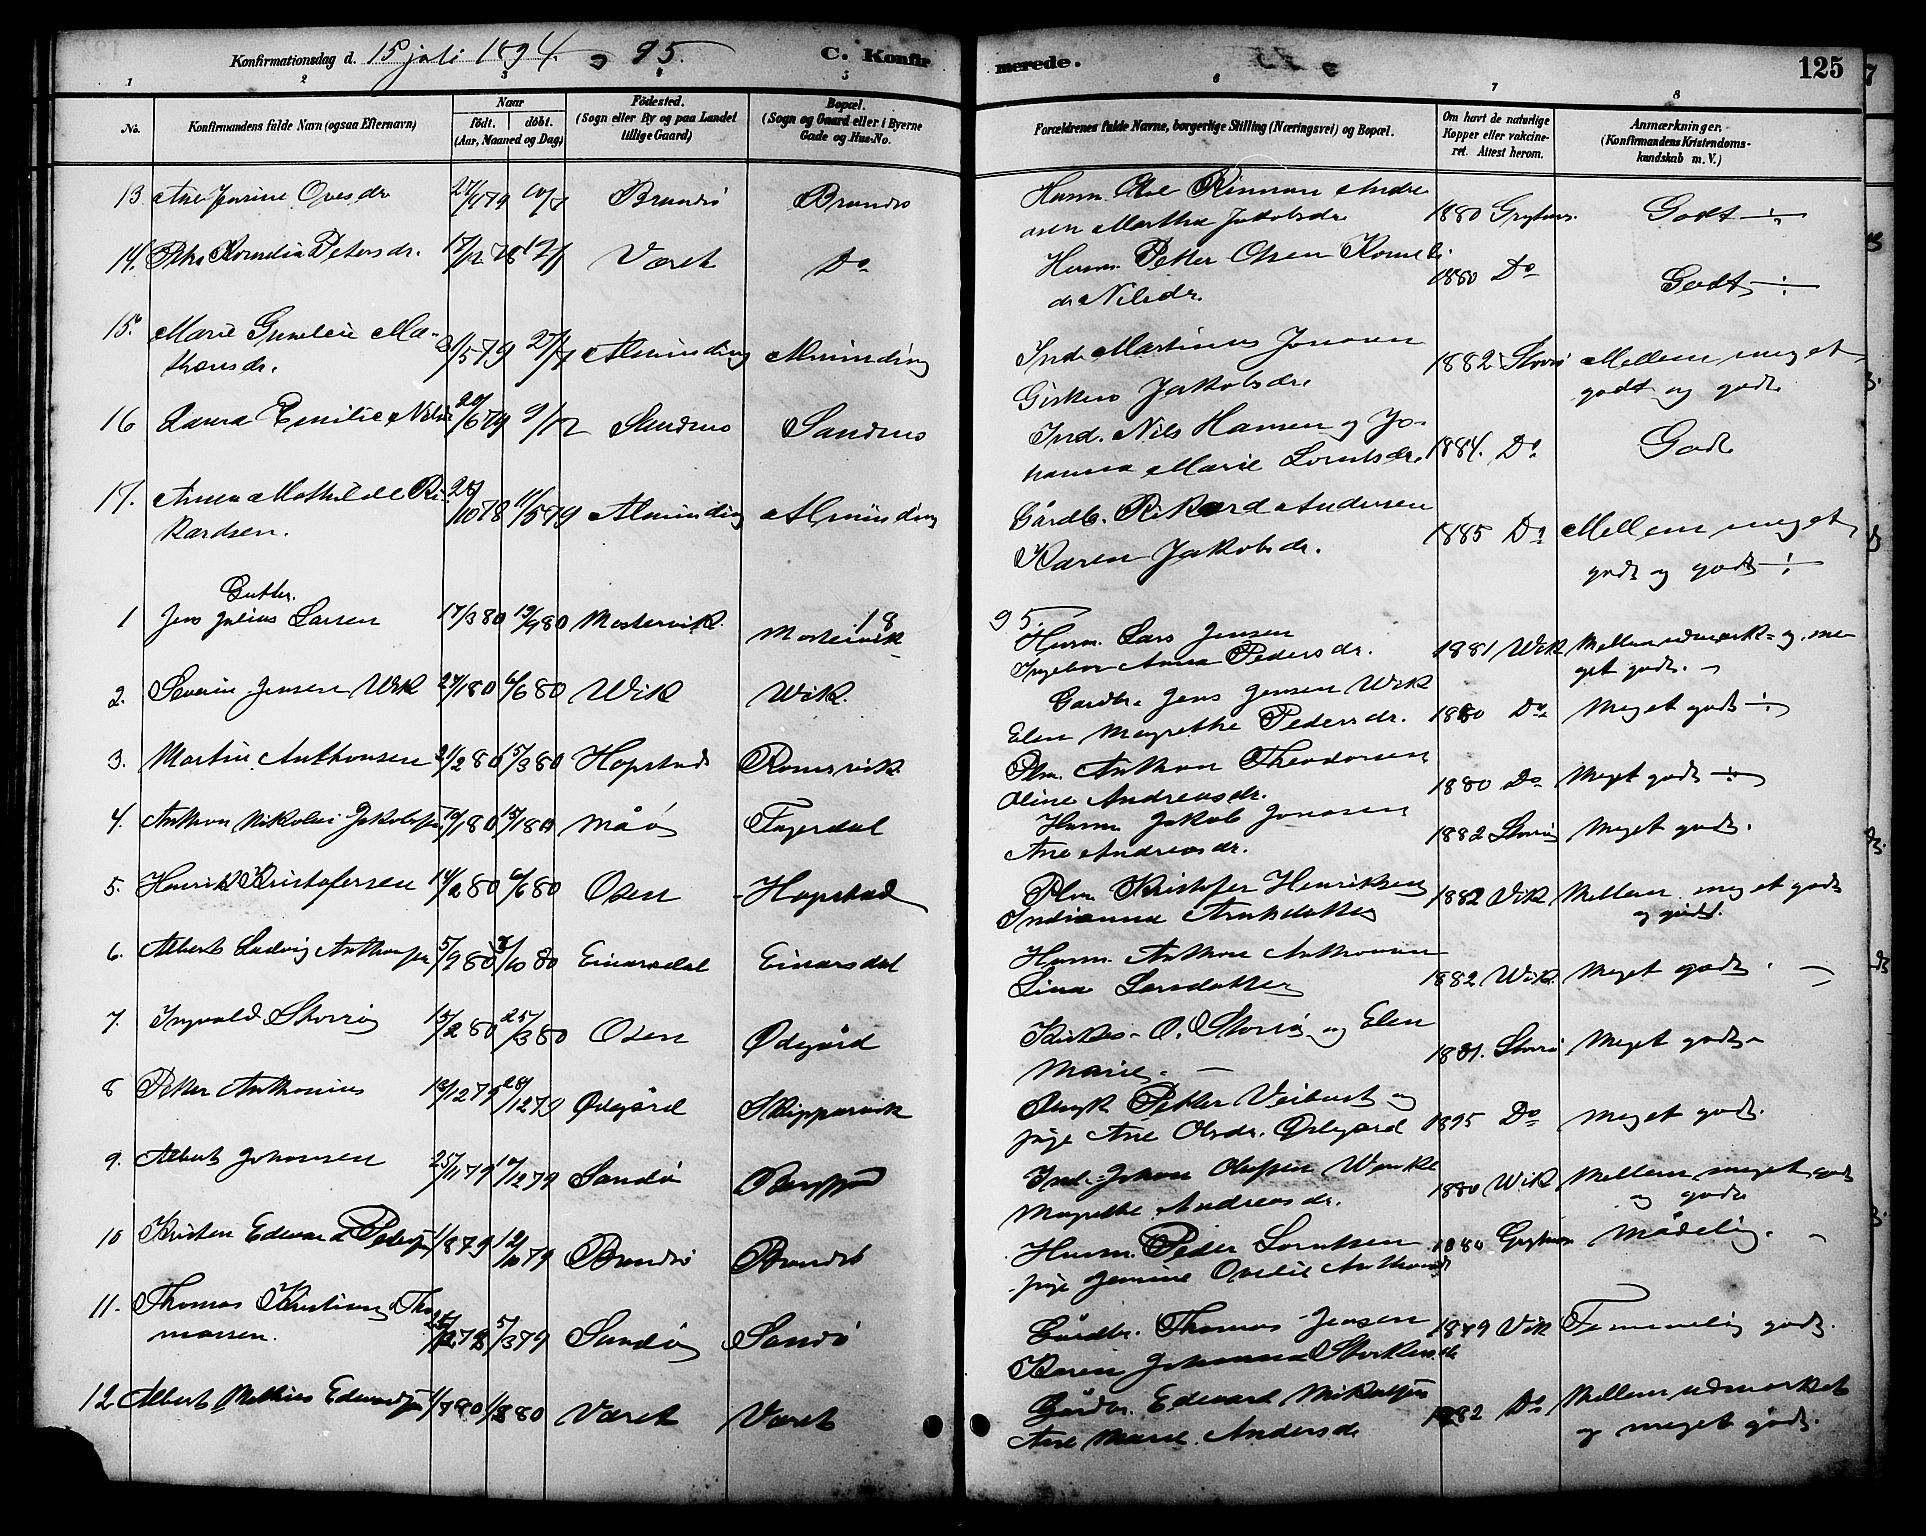 SAT, Ministerialprotokoller, klokkerbøker og fødselsregistre - Sør-Trøndelag, 657/L0716: Klokkerbok nr. 657C03, 1889-1904, s. 125